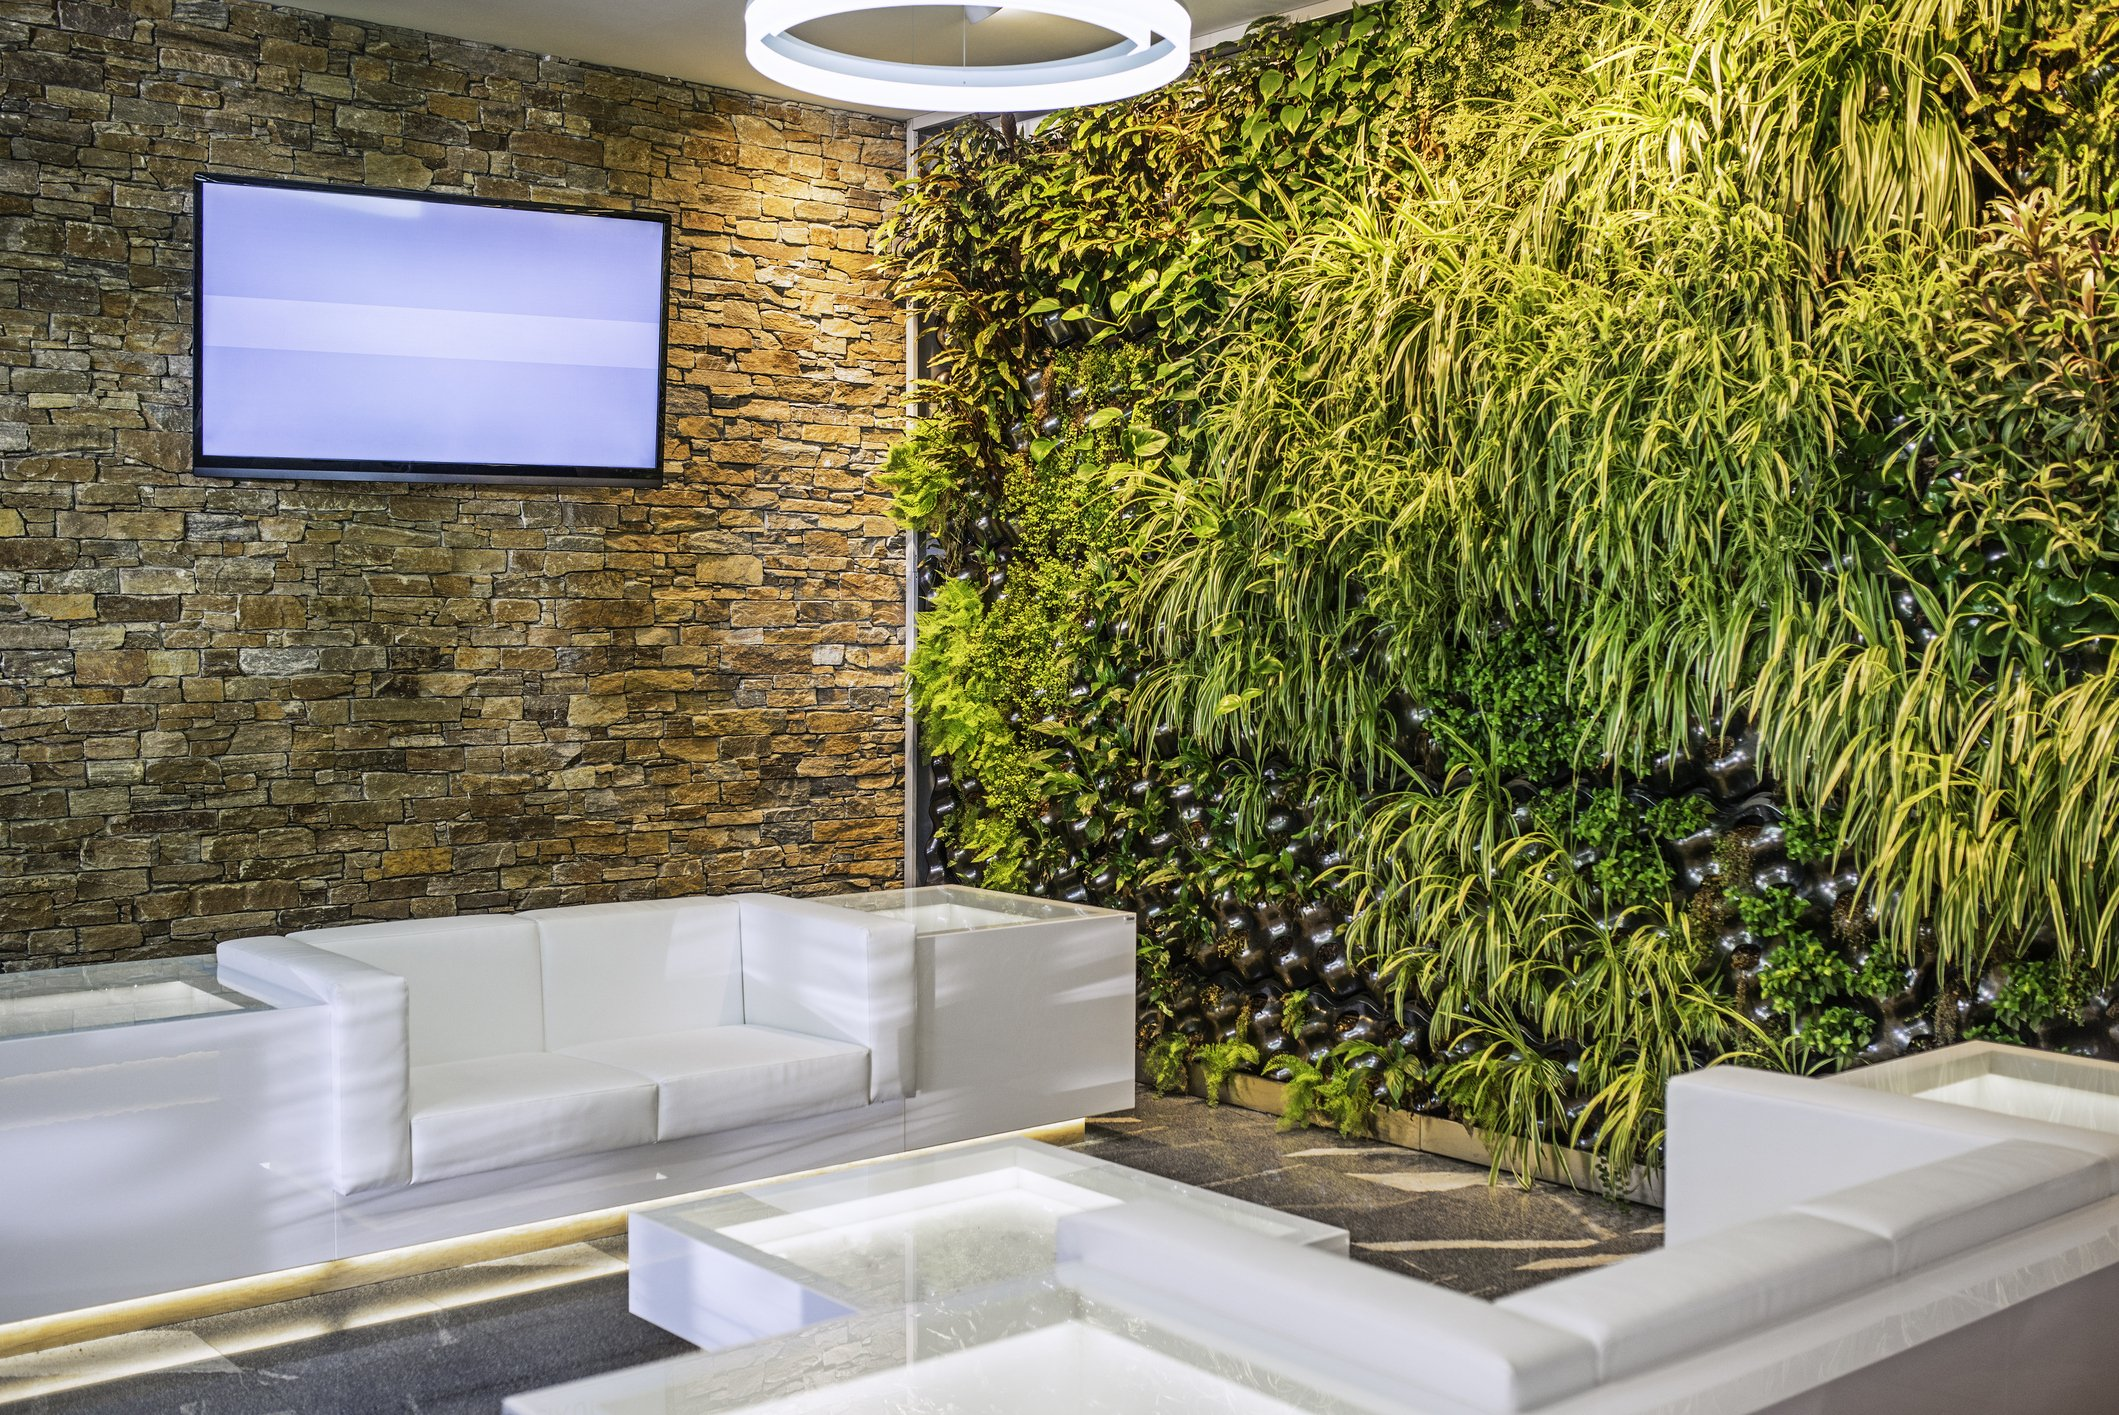 pianta a parete in sala d'aspetto